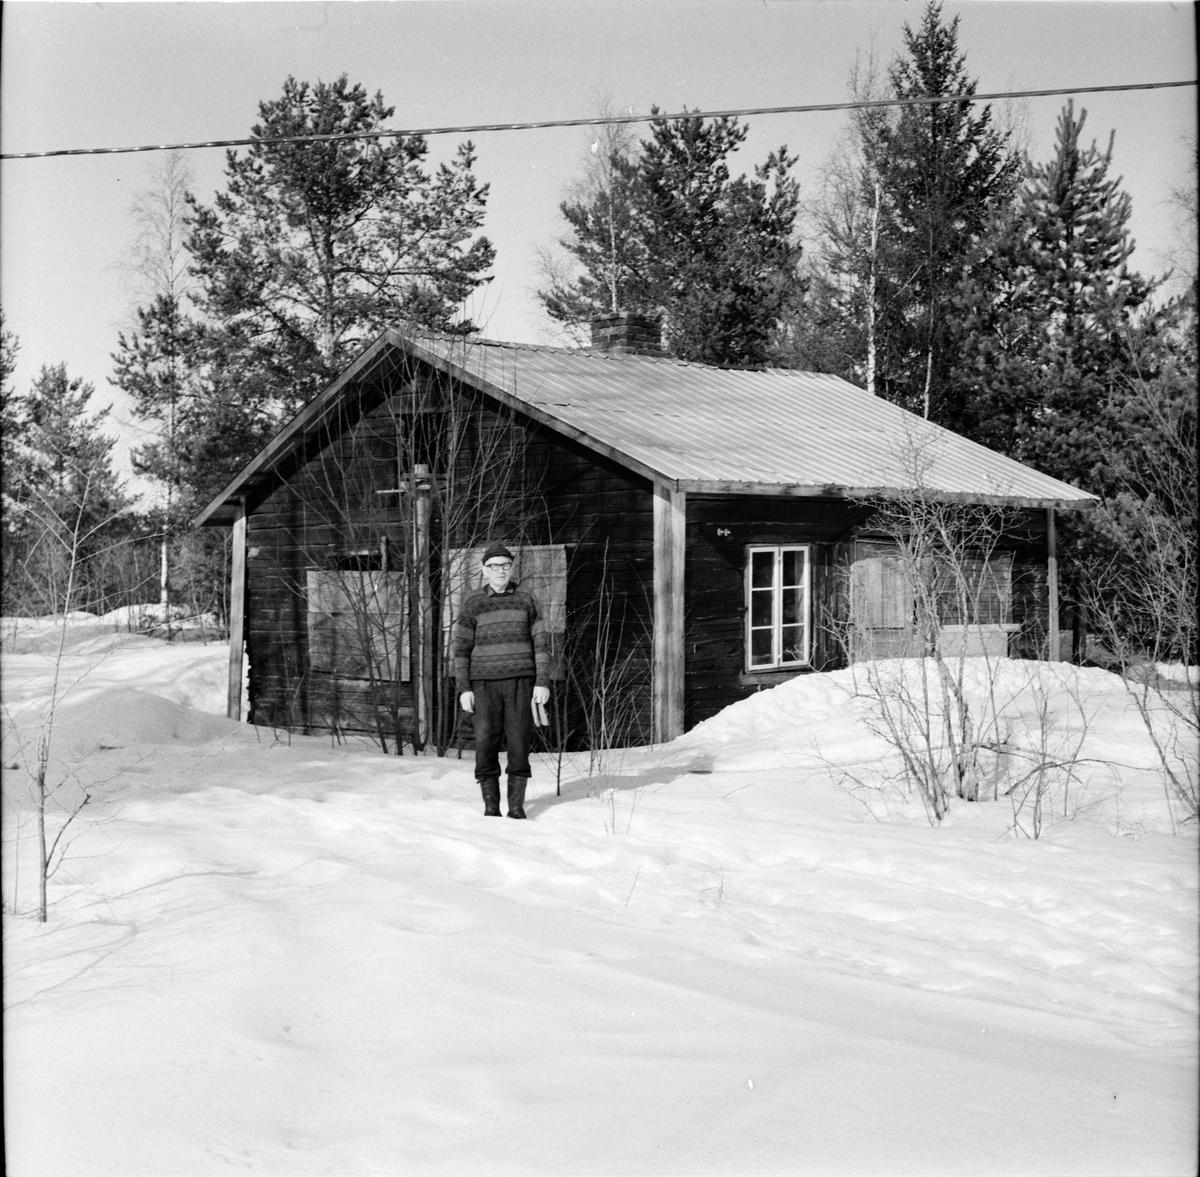 Undersvik, Tomt i Offerberg, Kraftverket, Mars 1969